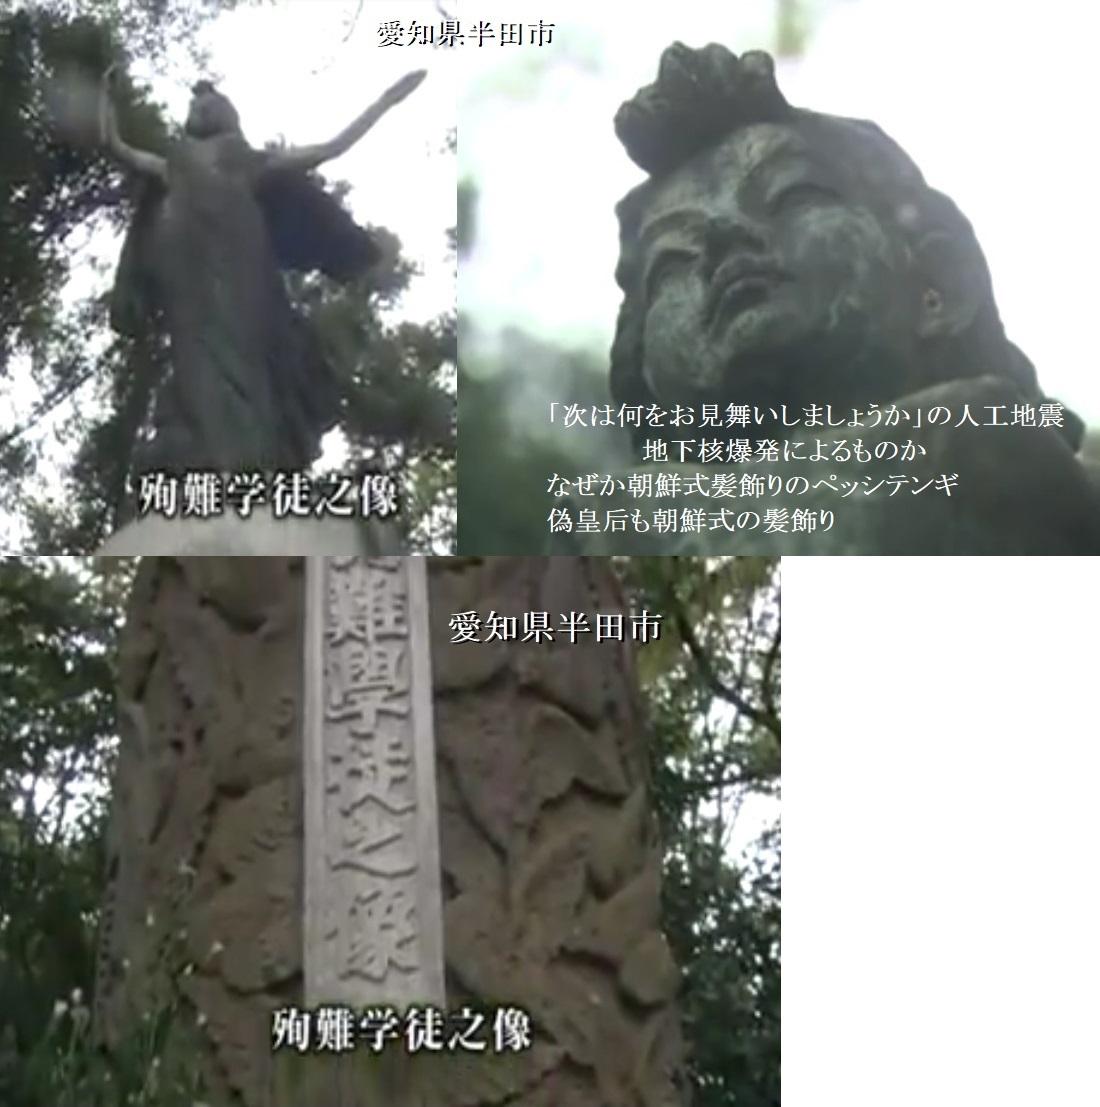 殉難学徒の像がなぜかバフォメットのポーズで朝鮮式髪飾りペッシテンギ